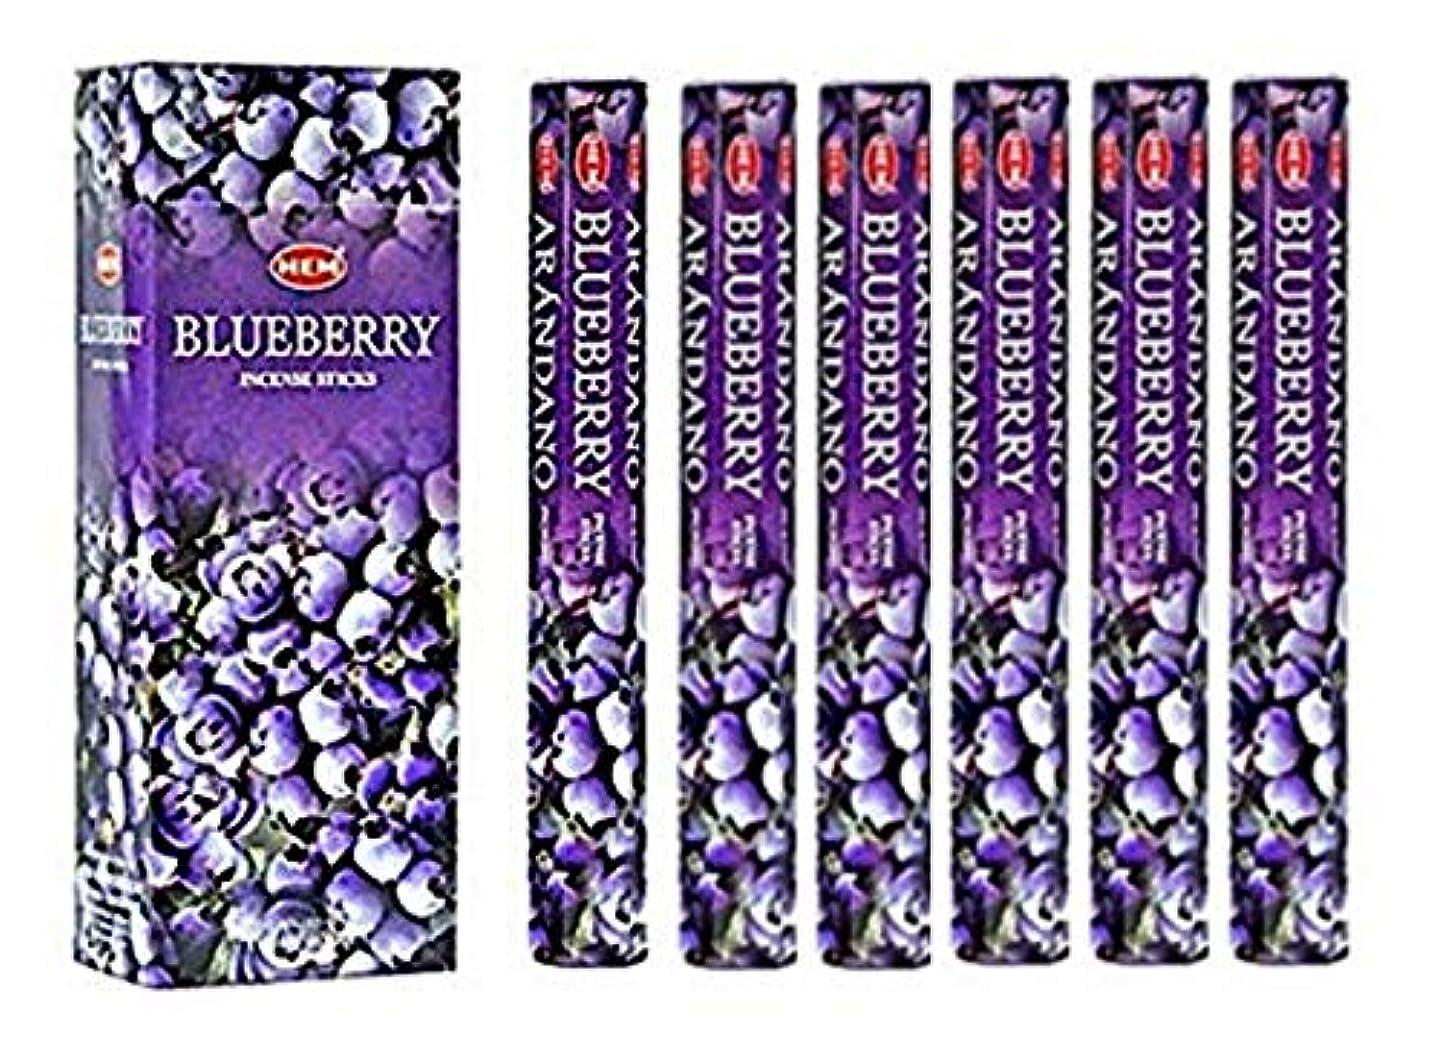 アラブ研究所コンベンションBlueberry - Box of Six 20 Stick Tubes, 120 Sticks Total - HEM Incense by HEM 6 Pack 20 Stick